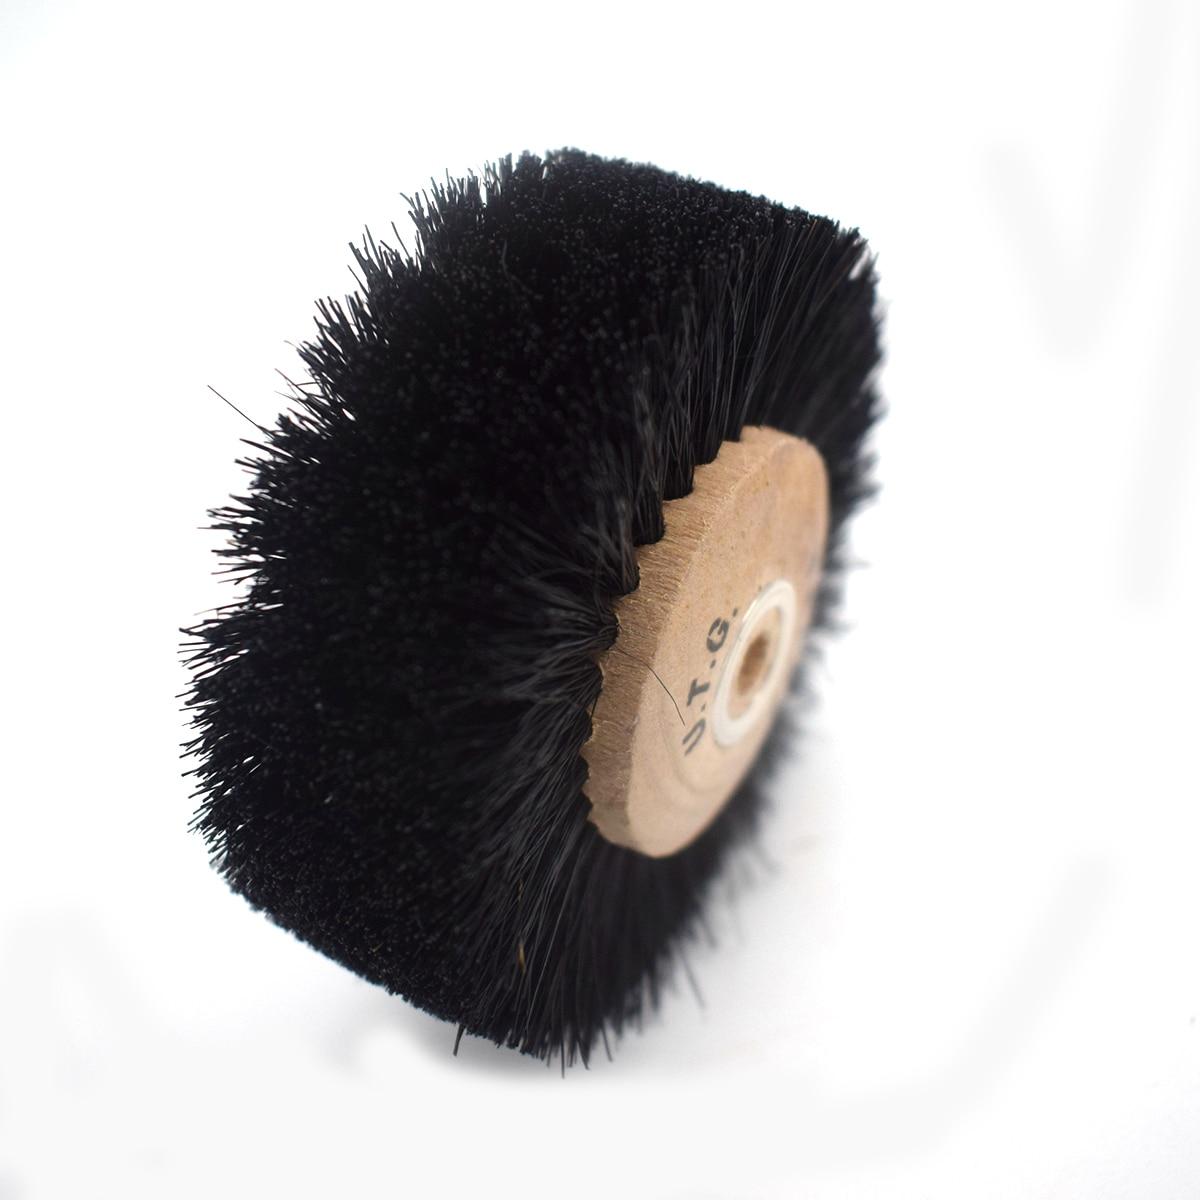 Деревянная втулка, 6 рядов, абразивные щетки, щетка для полировки длинных волос для изготовления ювелирных изделий